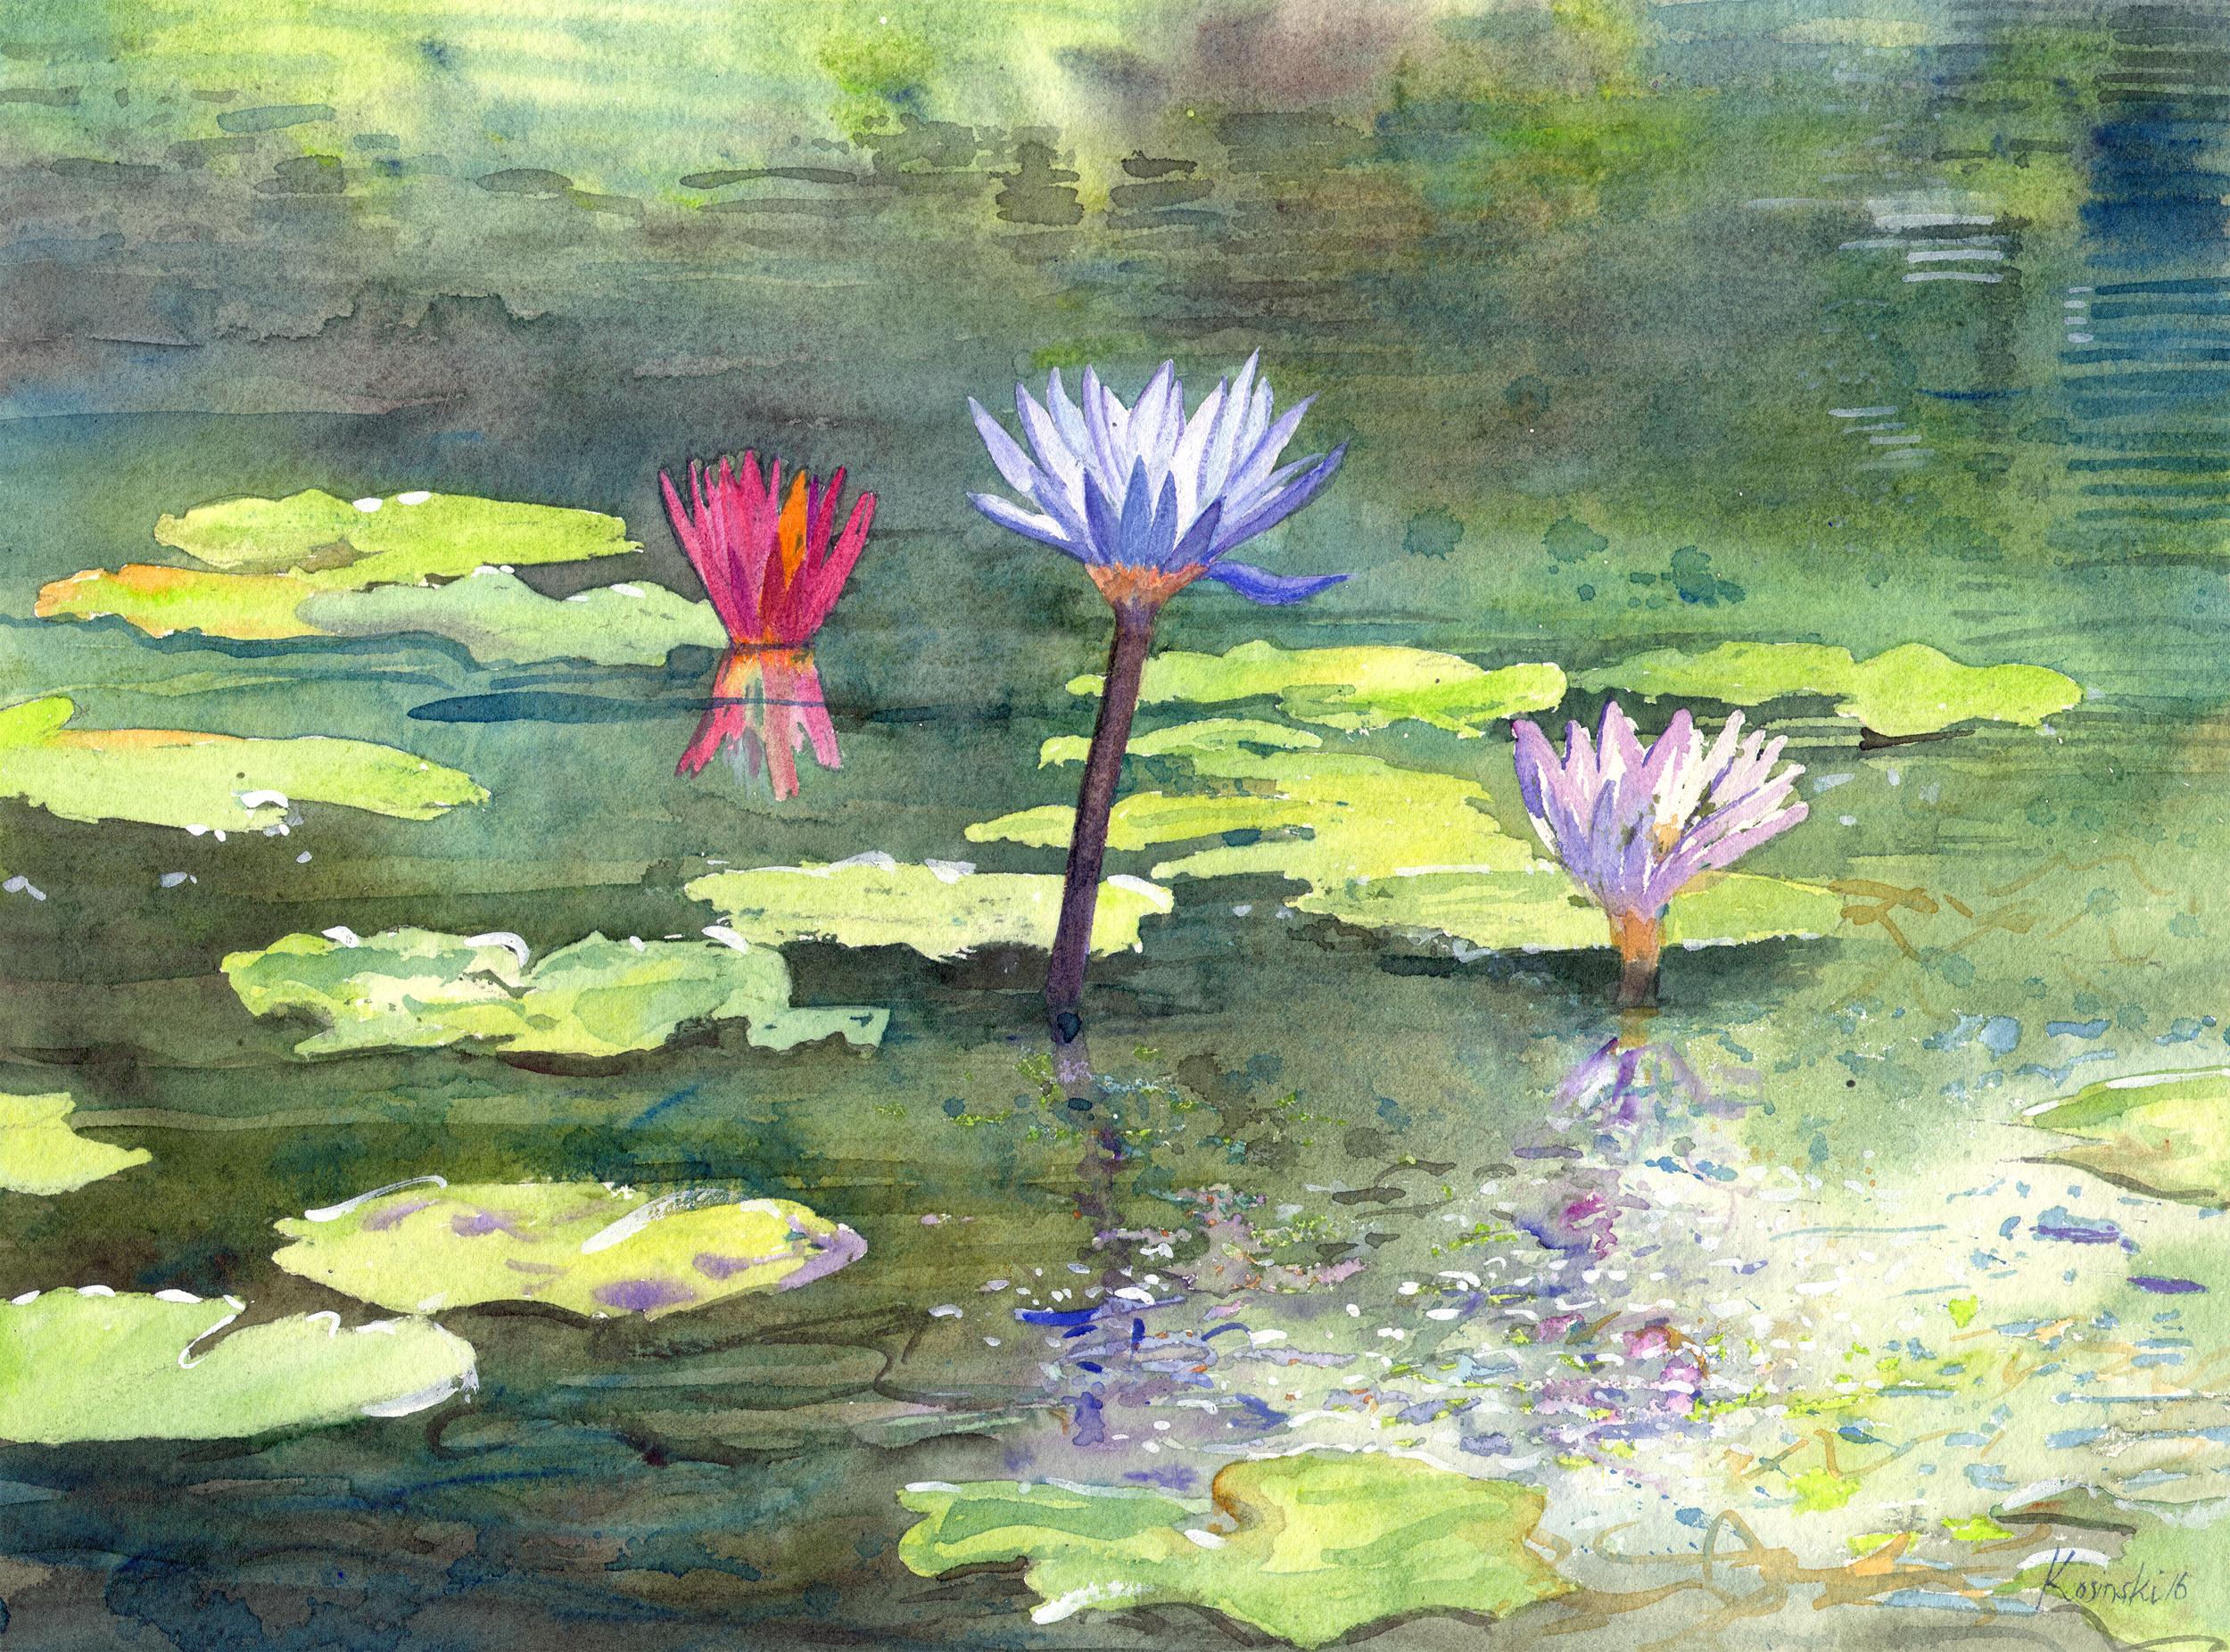 Water Lilies, Brookgreen Gardens, SC